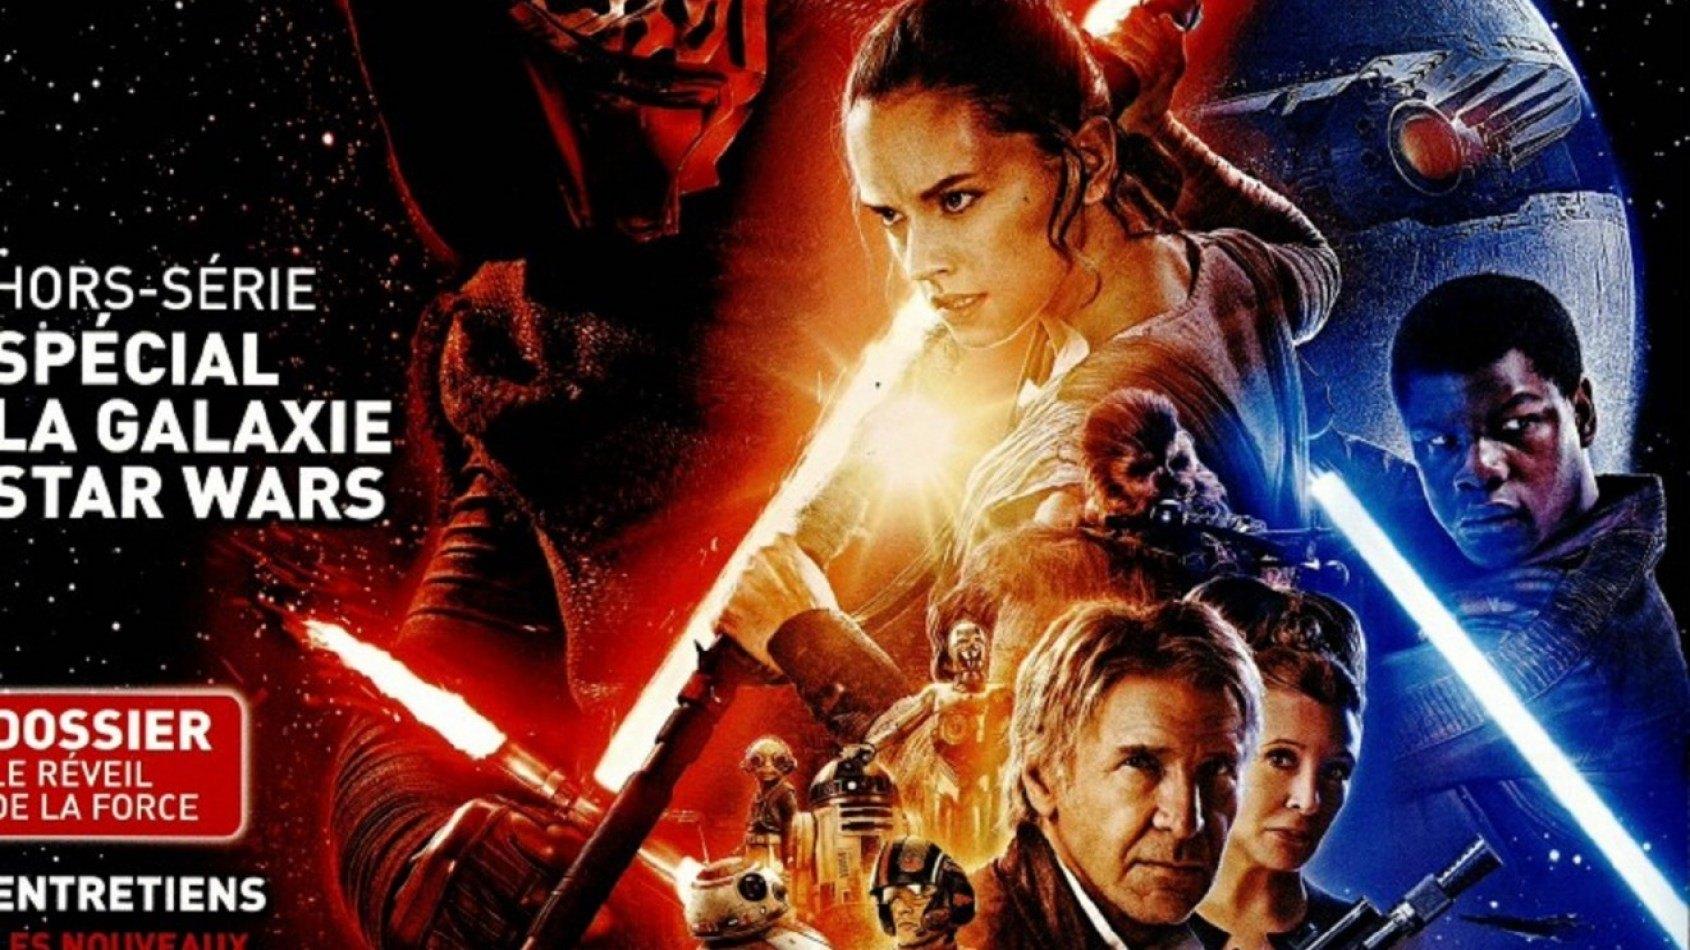 Plein de magazines hors-série sur Star Wars